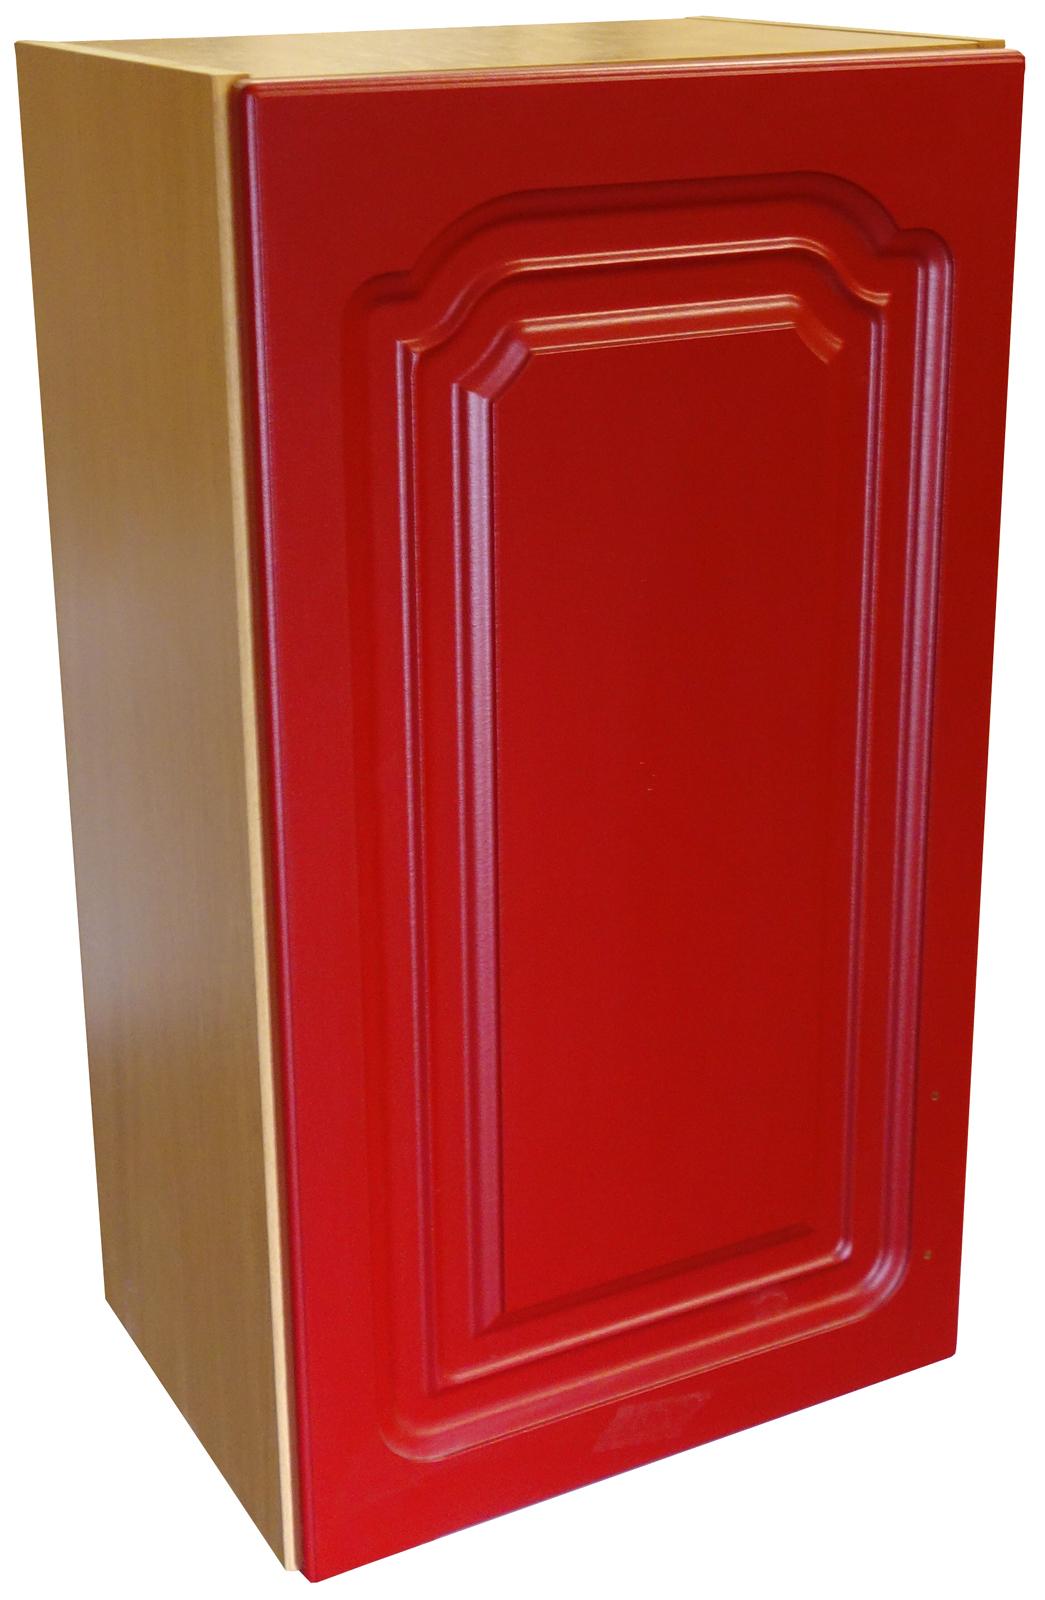 Horní kuchyňská skříňka 40 cm levá - výprodej